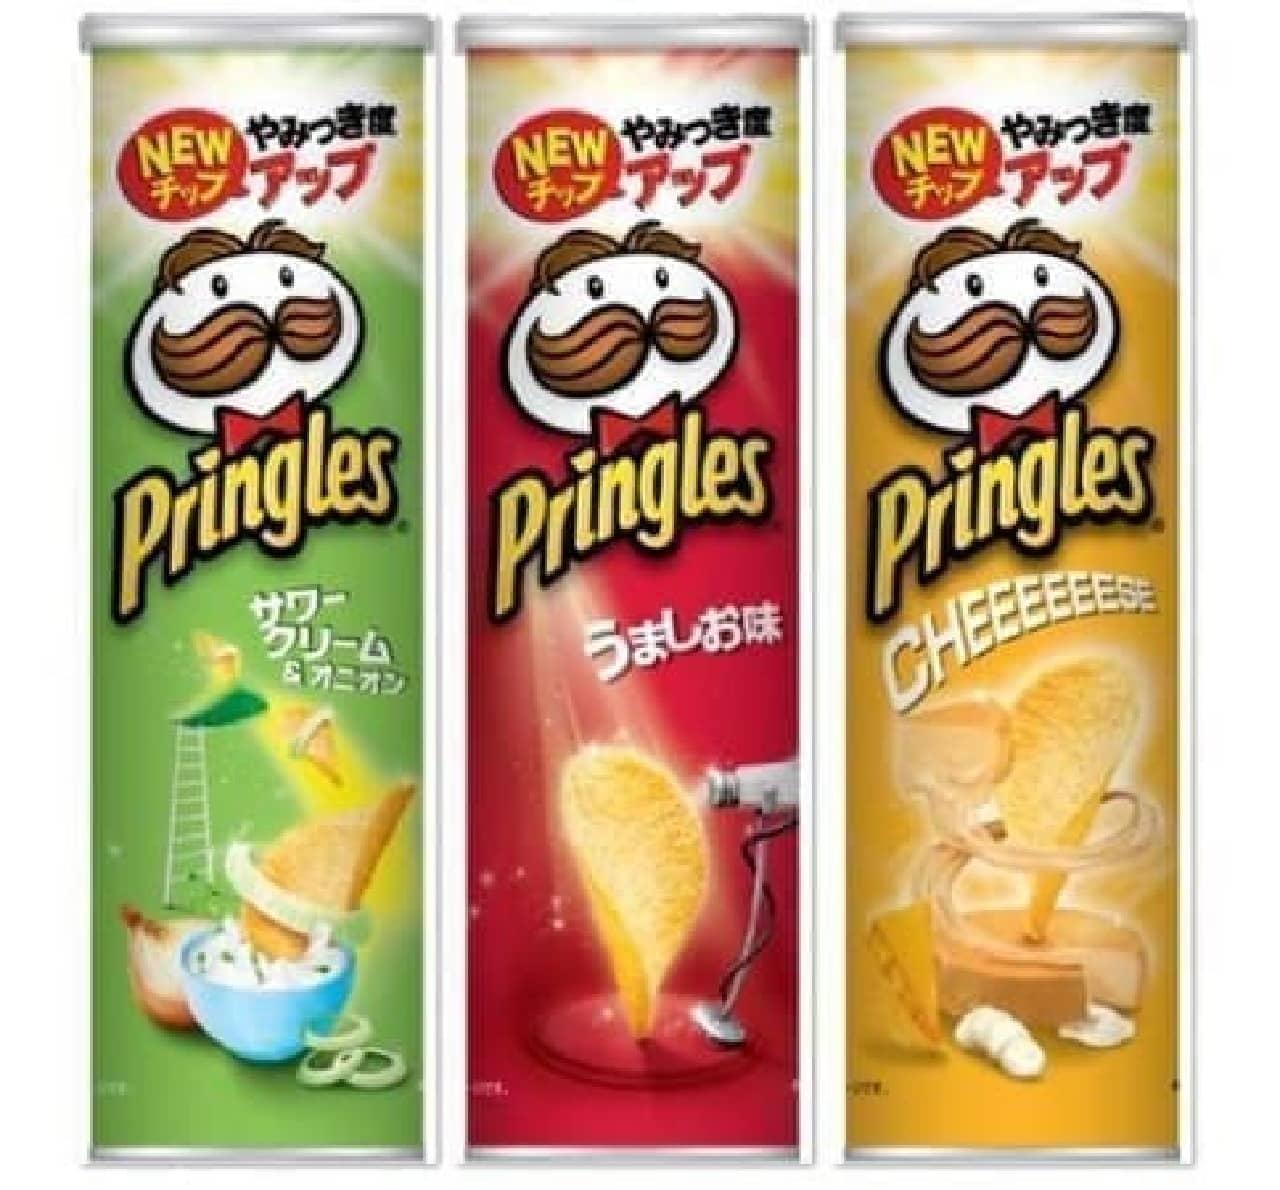 プリングルズ「サワークリーム&オニオン」と「うましお味」と「CHEEEEEESE」